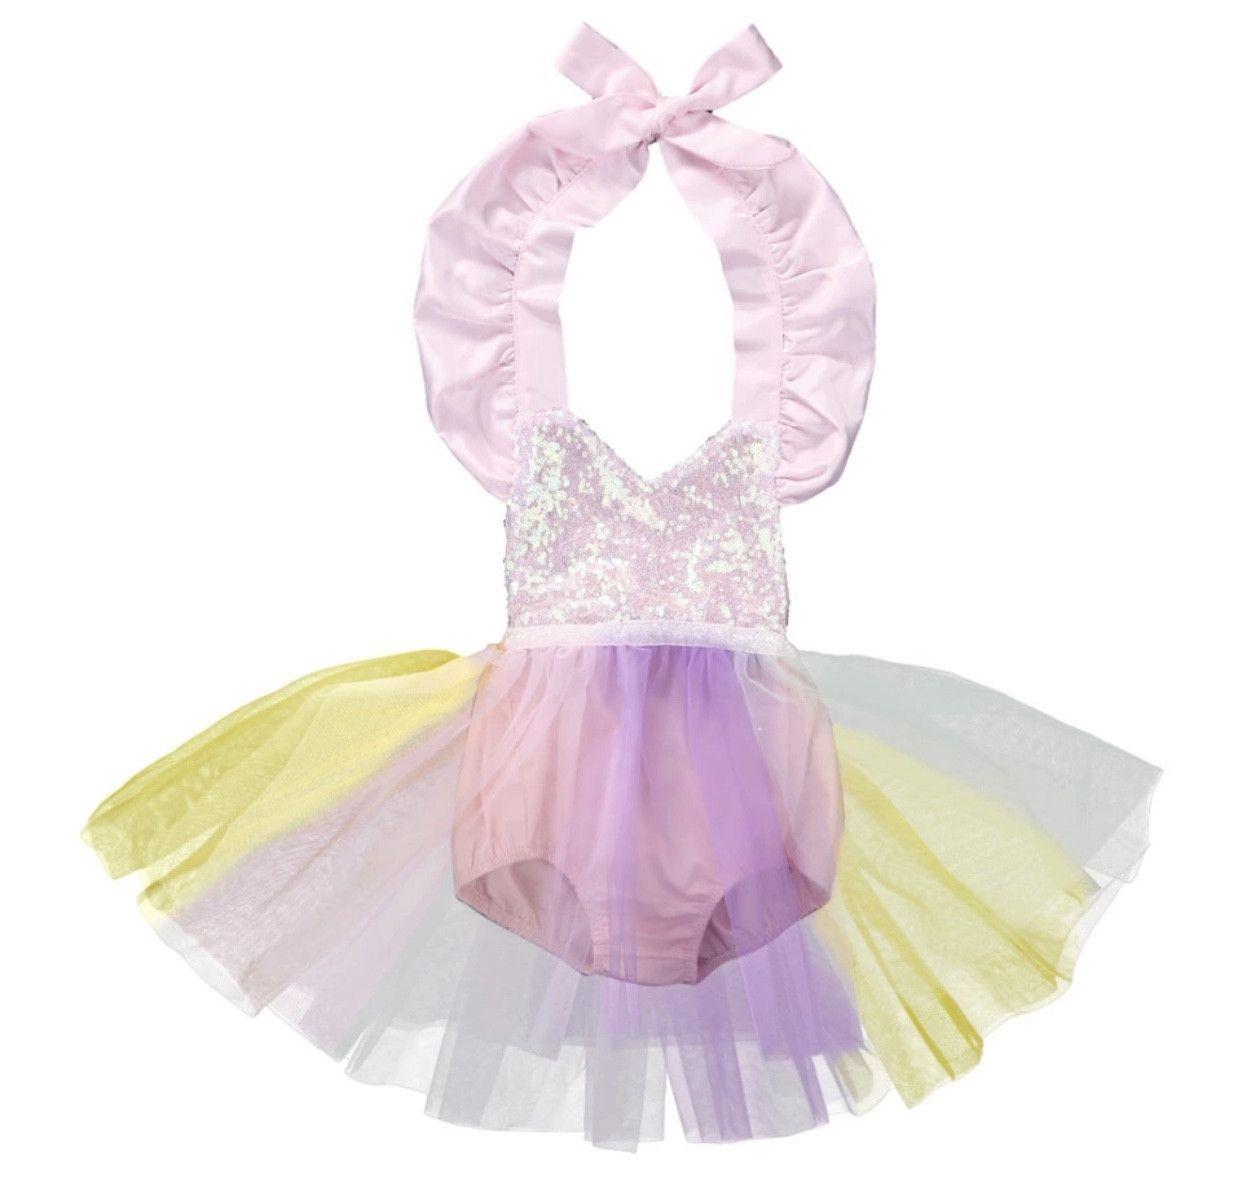 9f4e2656f2d Girls Sequin Romper Tutu Dress Unicorn Princess